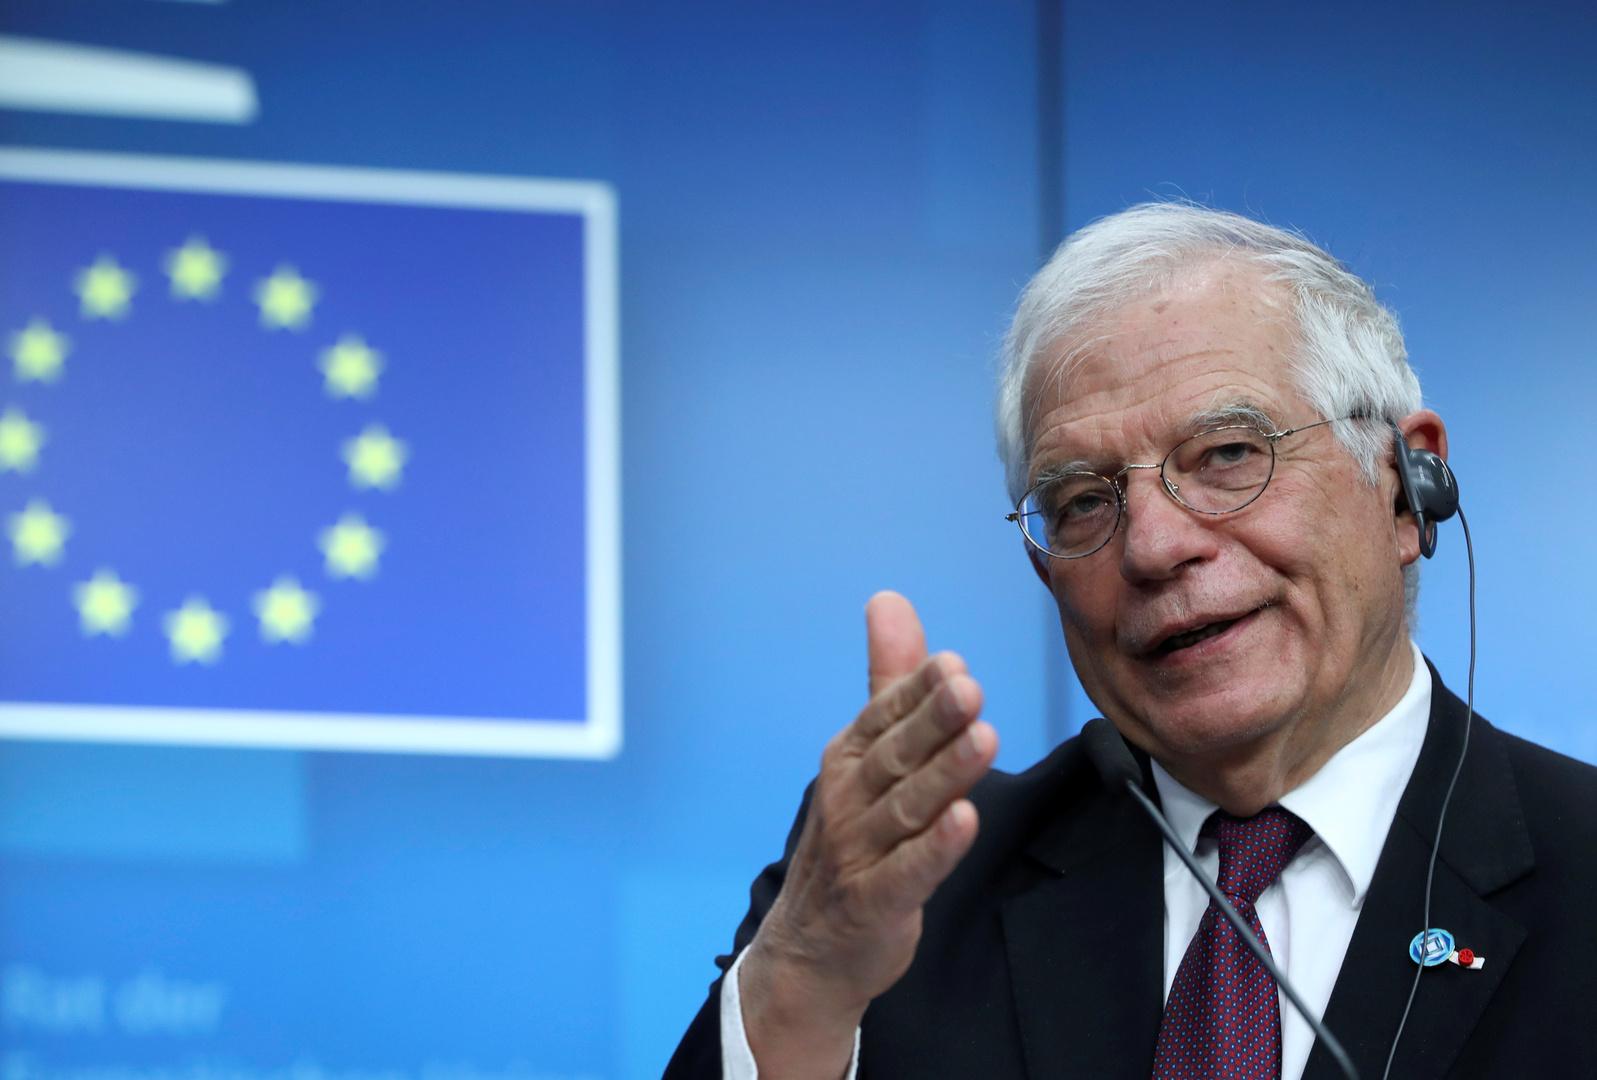 جوزيب بوريل مسؤول السياسة الخارجية في الاتحاد الأوروبي